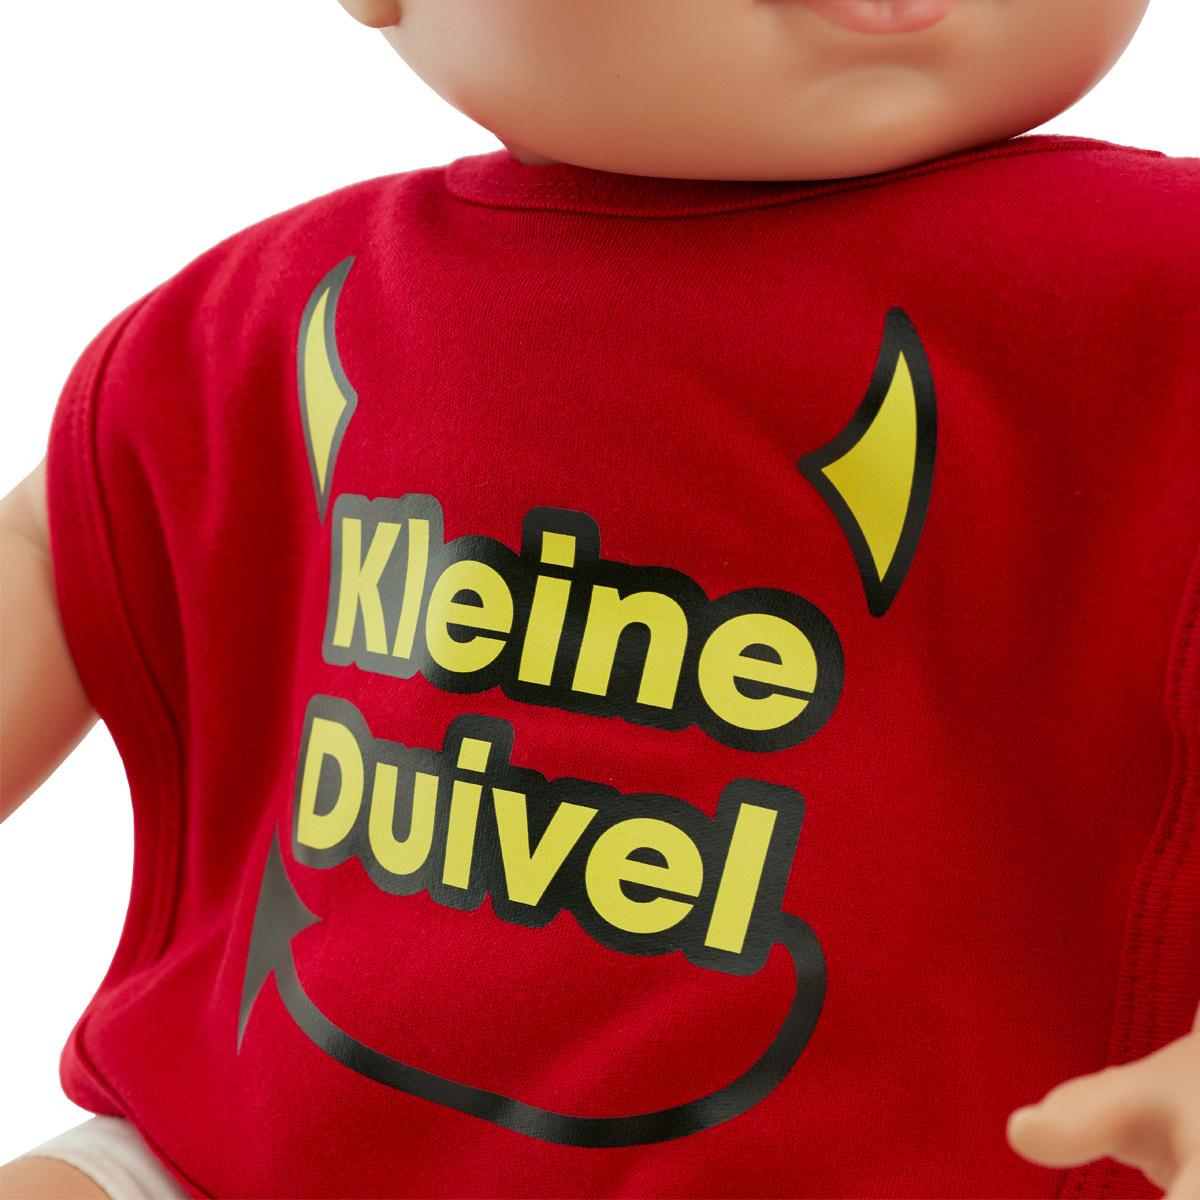 Topfanz Kleine Duivel bavette